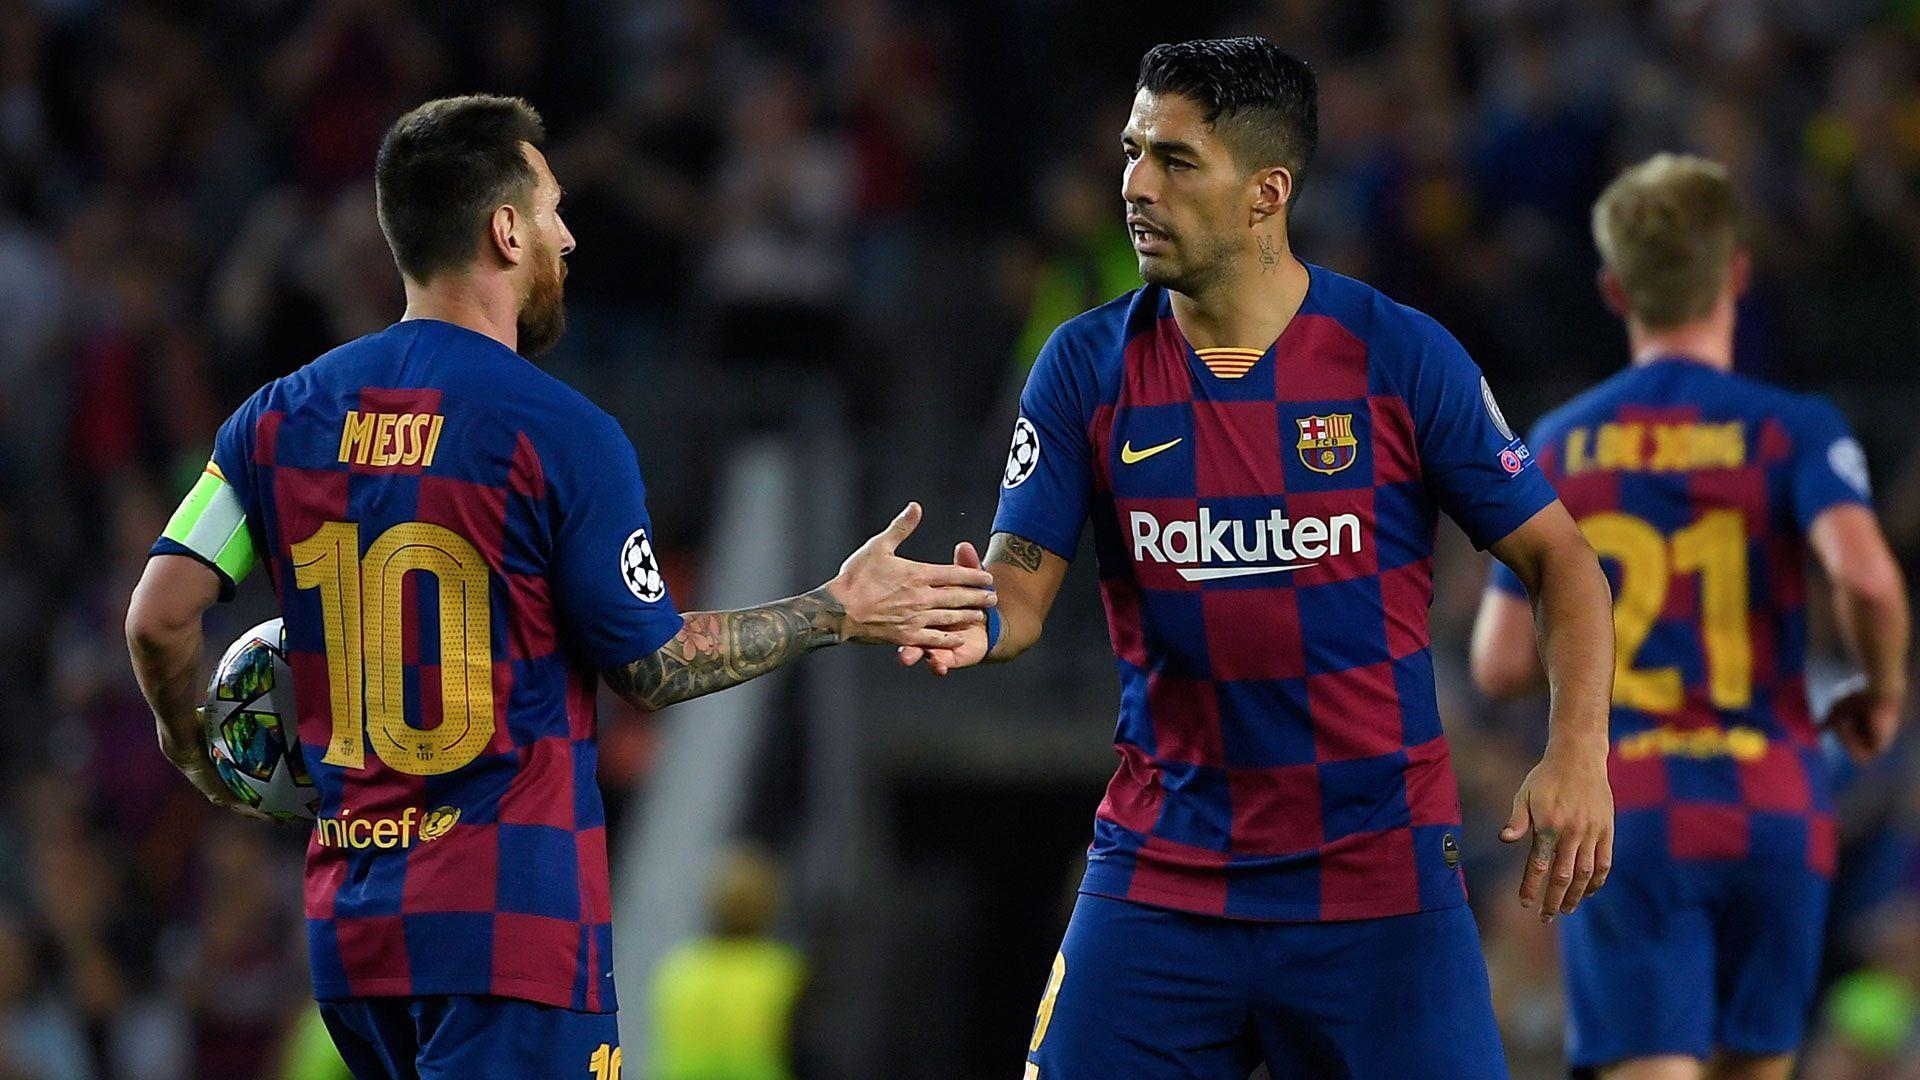 La sociedad Mssi-Suárez, que tantas alegrías le aportó al Barcelona (Foto: LLUIS GENE / AFP)